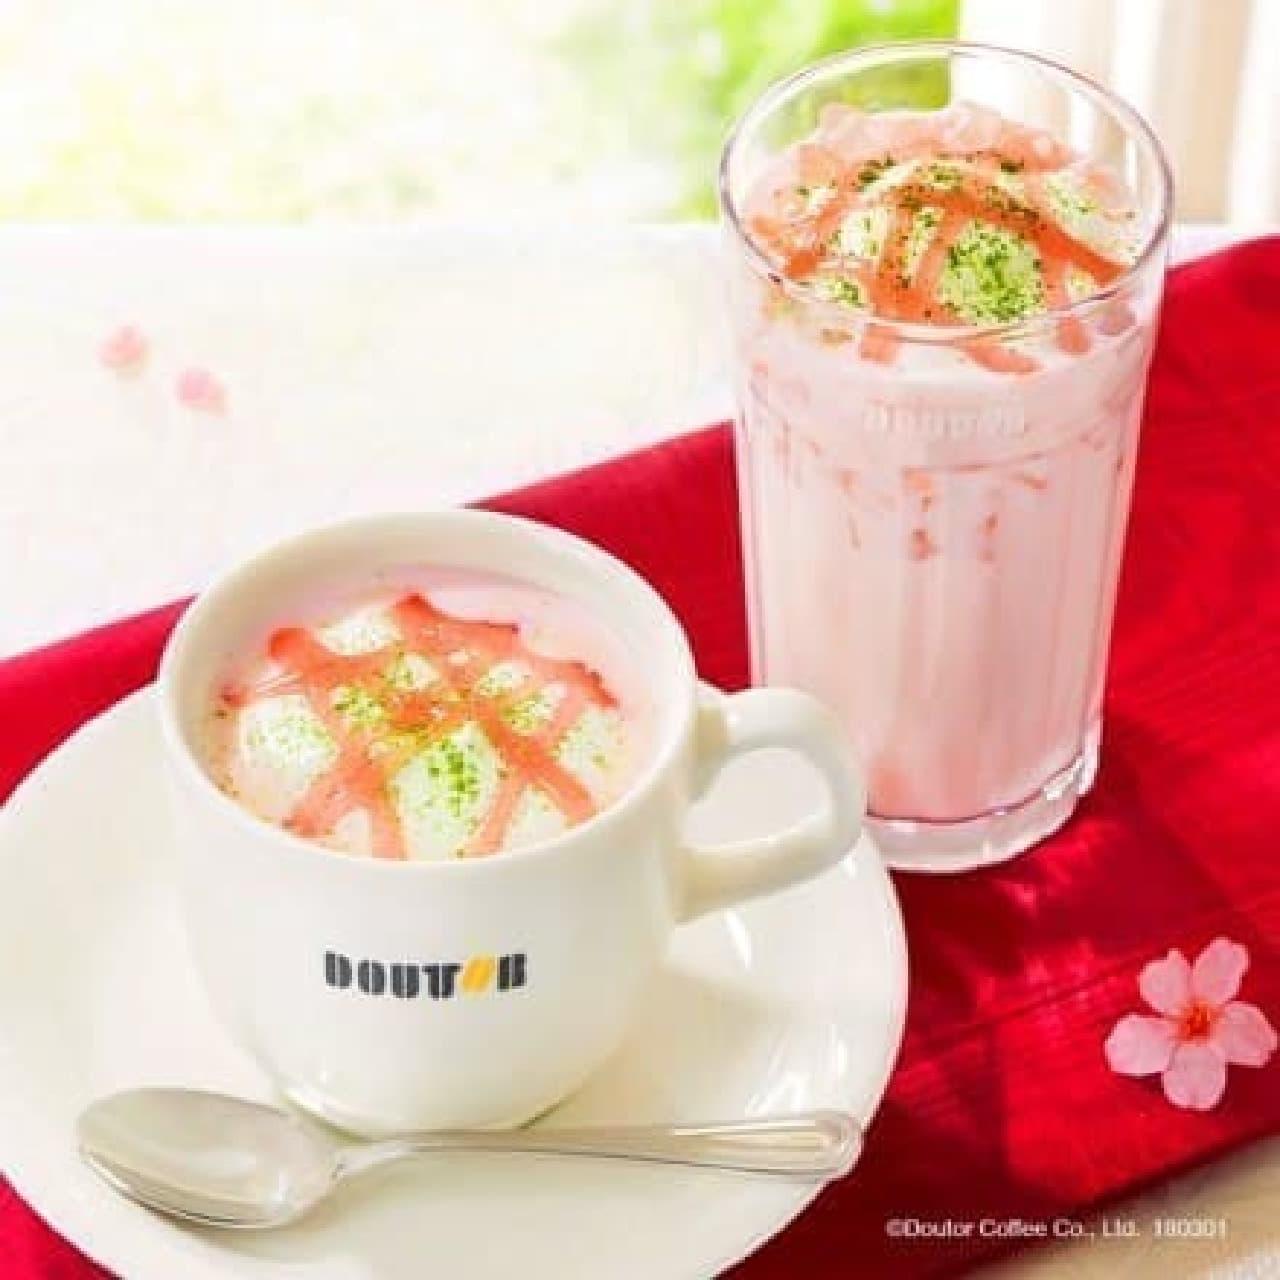 ドトール「桜香る ホワイトショコラ・ラテ(ホット・アイス)」